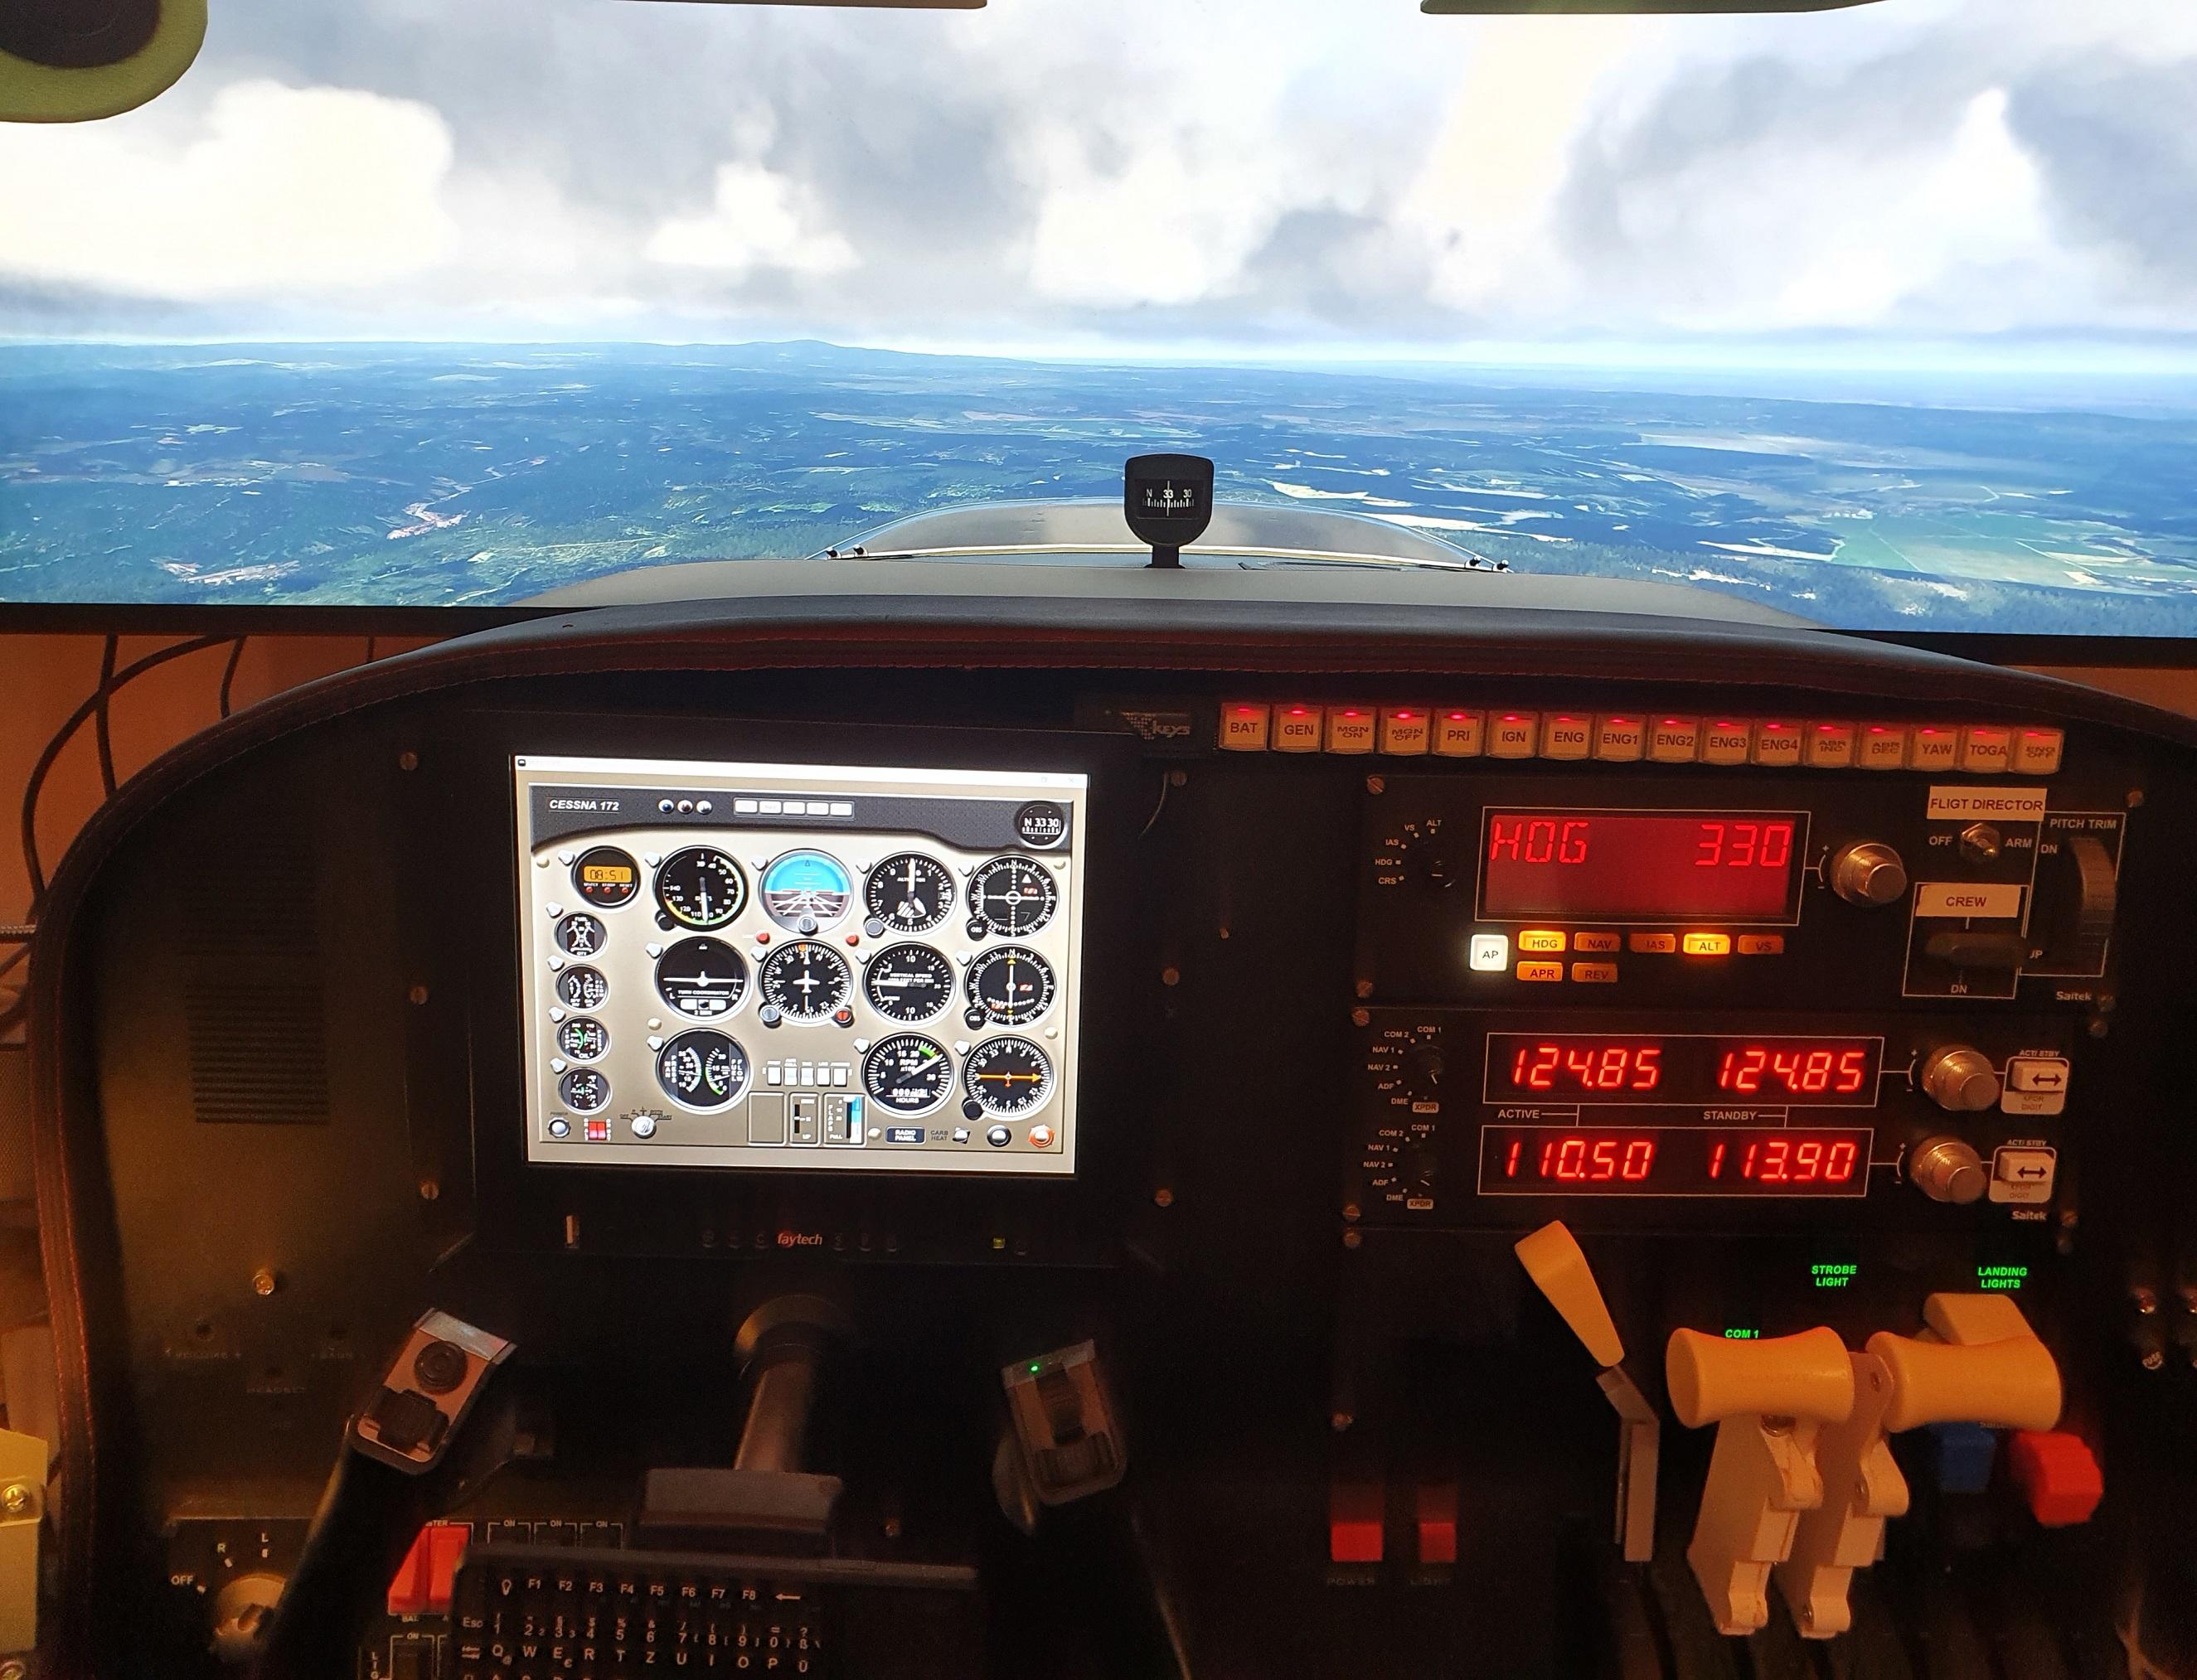 msfsimhomecockpit8fkpn.jpg